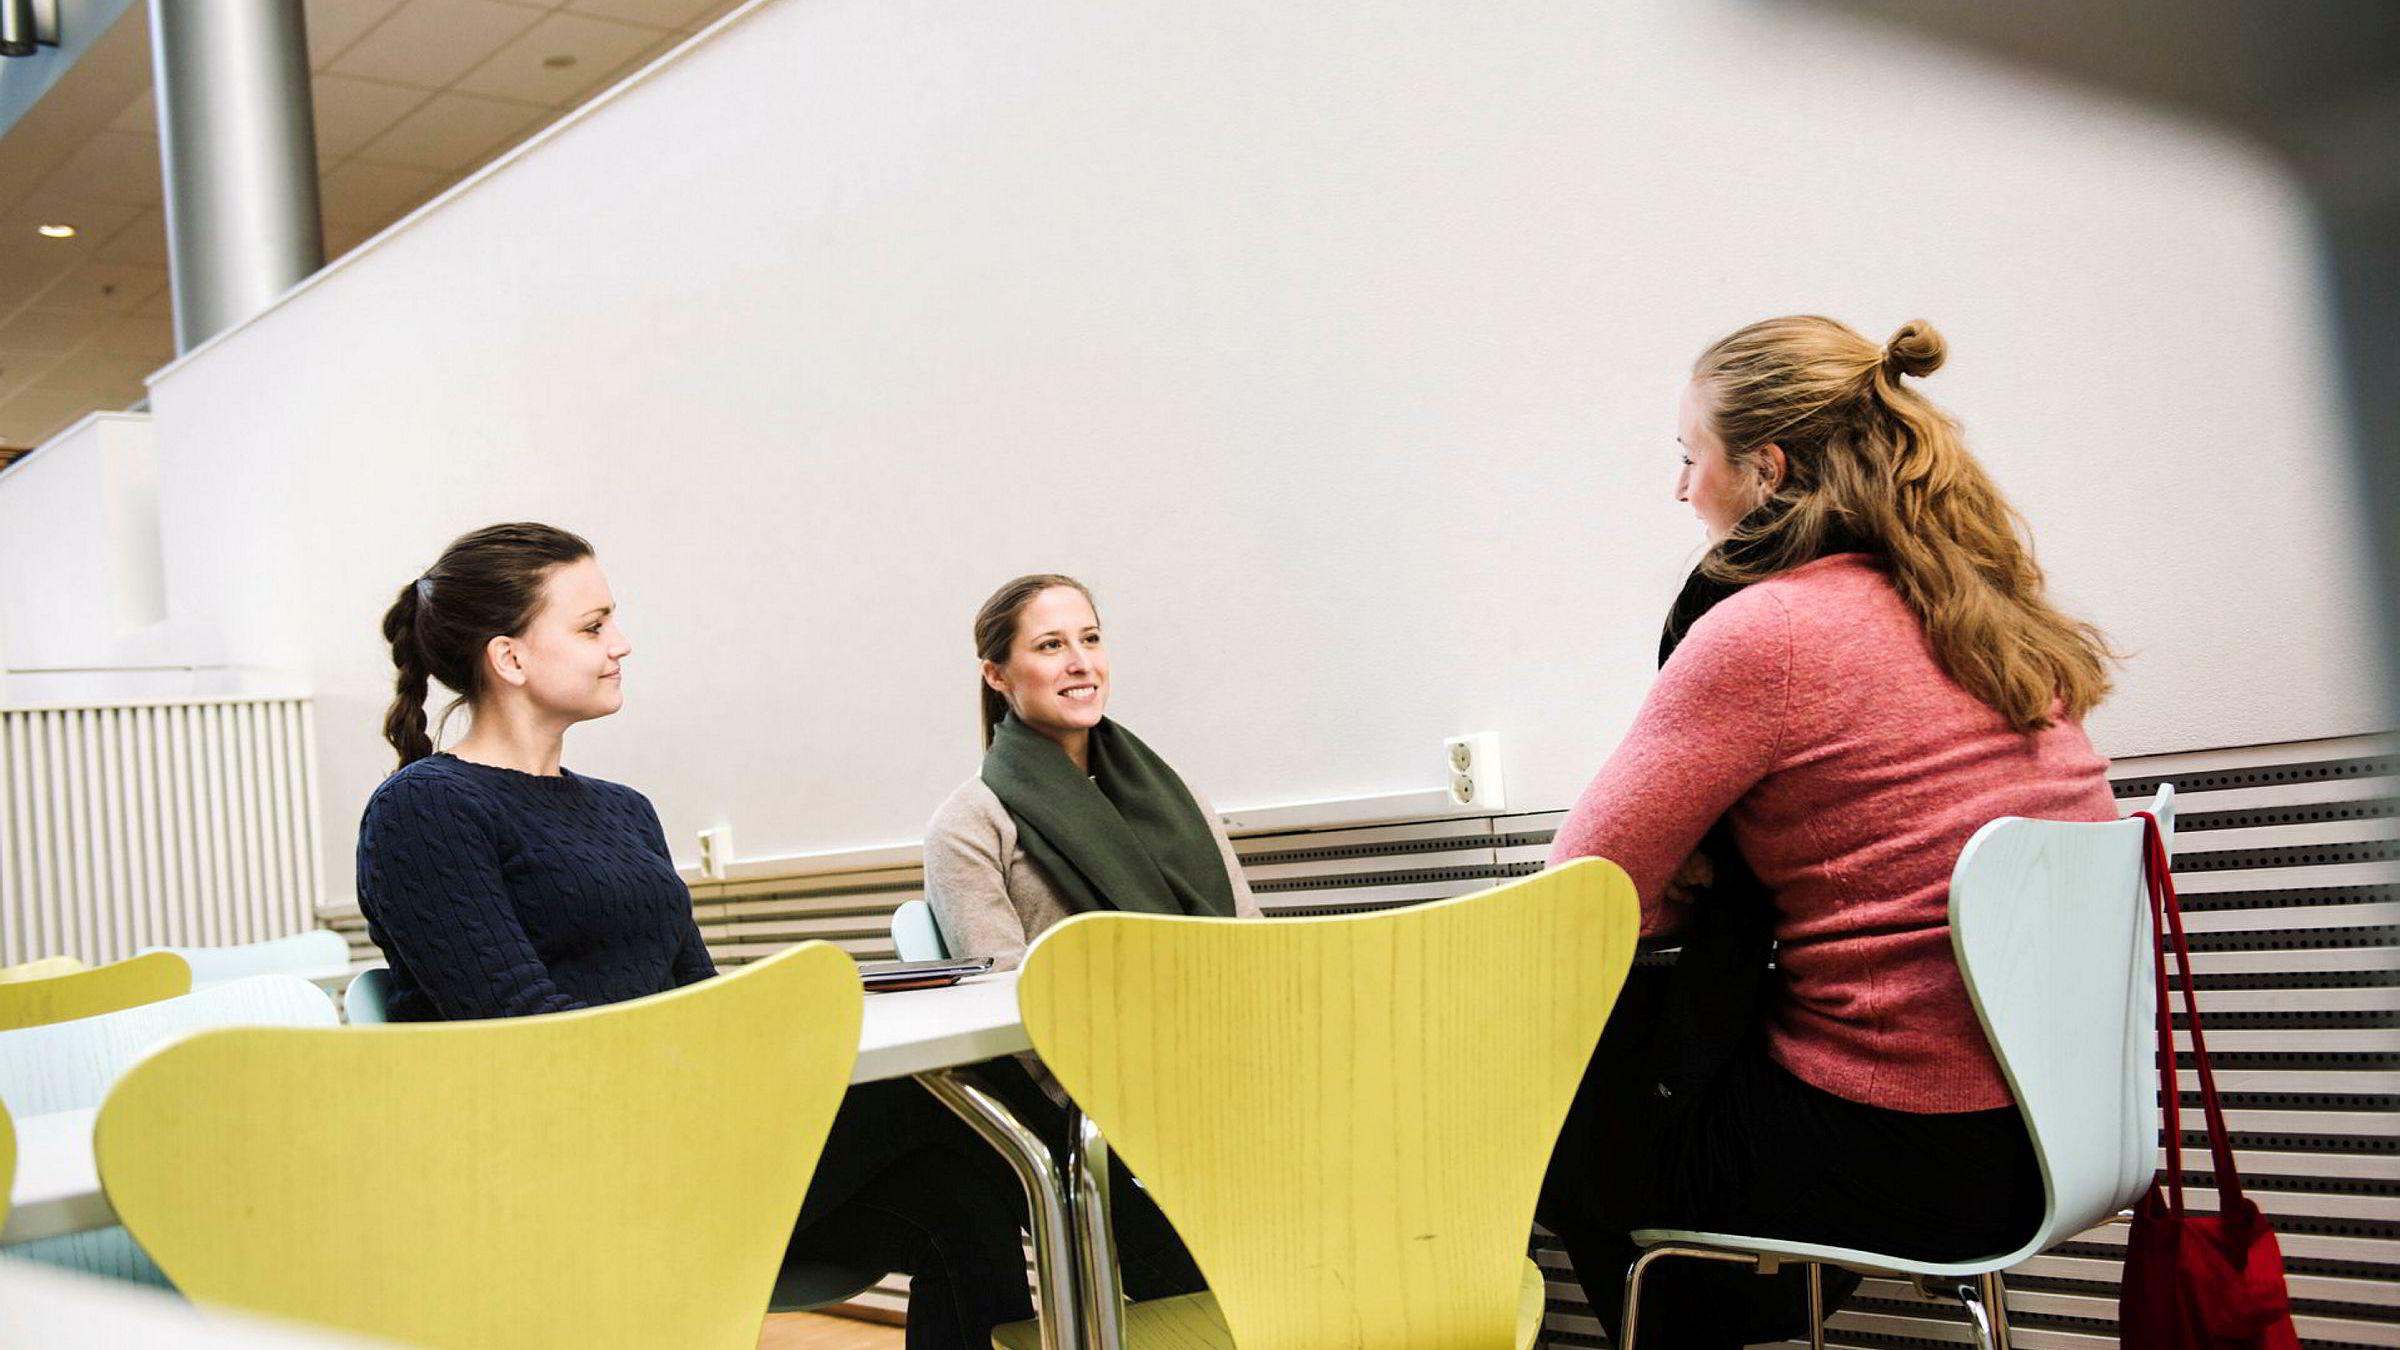 Gode karakterer førte til jobb kort tid etter studiene for både Guro Haug (fra venstre), Ida Østby-Deglum og Kaja Karoline Enger. De tidligere NHH-studentene tar nå en tilleggsmaster på BI. Selv om de ikke har «kontet» noen eksamener, synes de det er urettferdig at reglene for konteeksamener er ulike blant økonomistudenter.